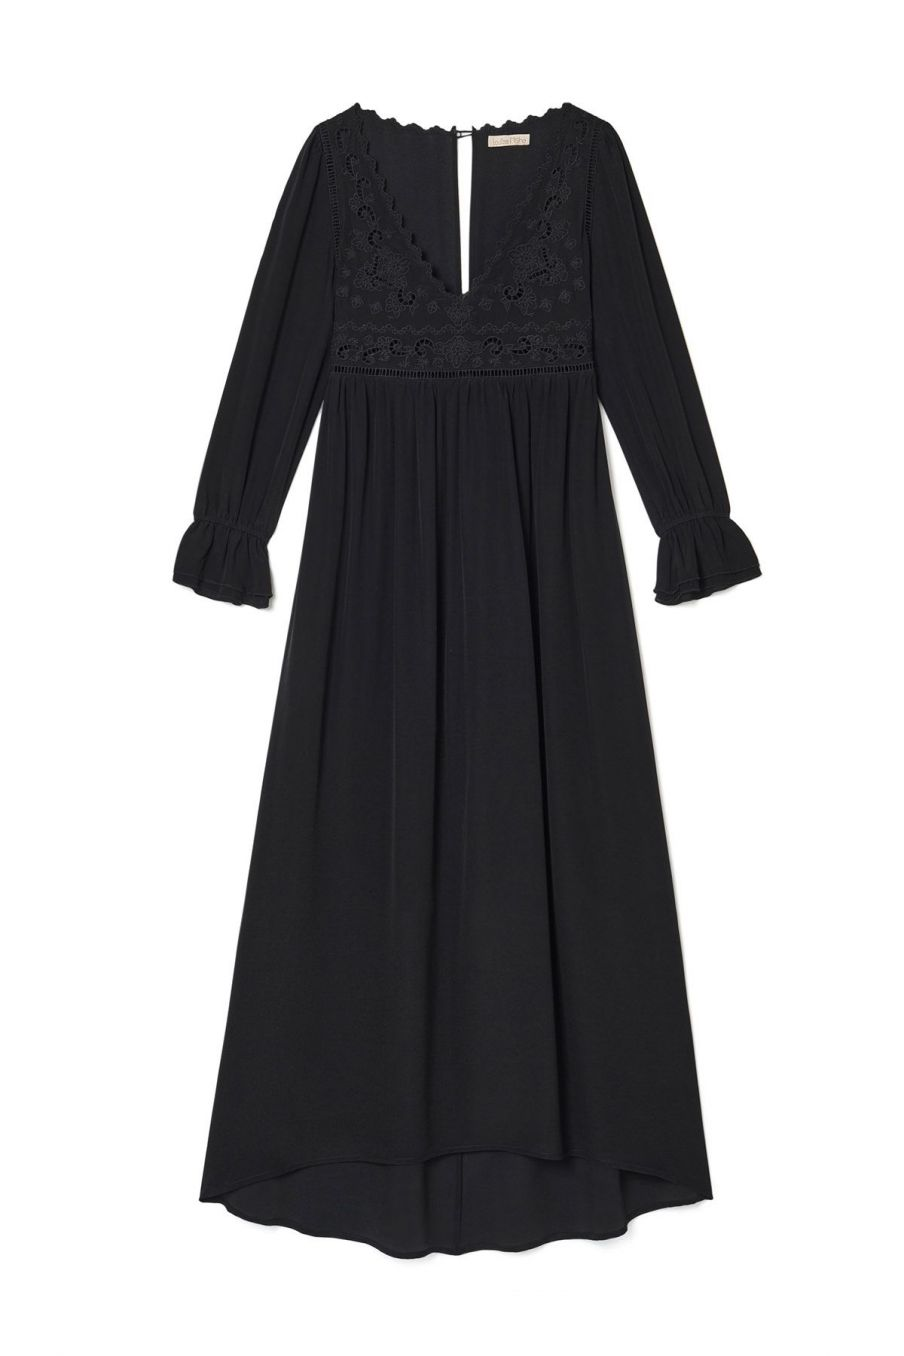 robe femme liciae charcoal - louise misha